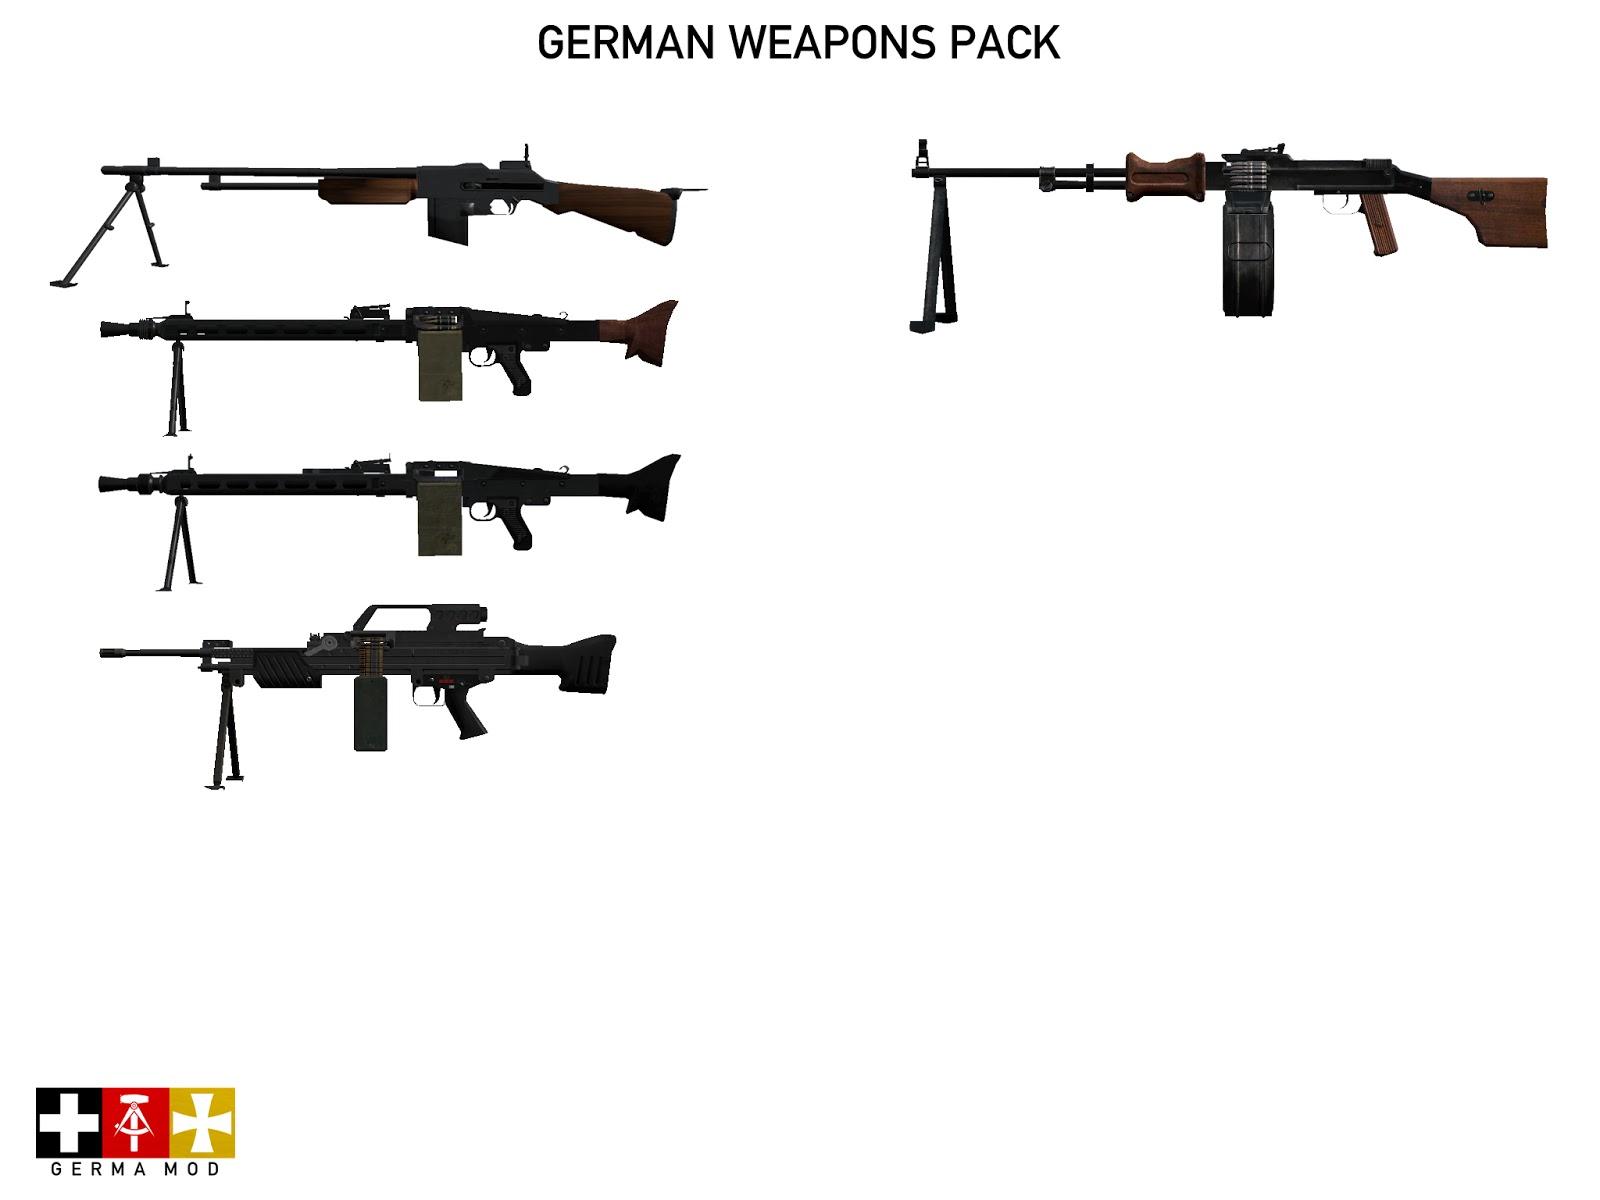 弱者の日記^^  1951 から 2012 年までのドイツ軍武器を追加する Arma 2 用 German Weapons Pack アドオン